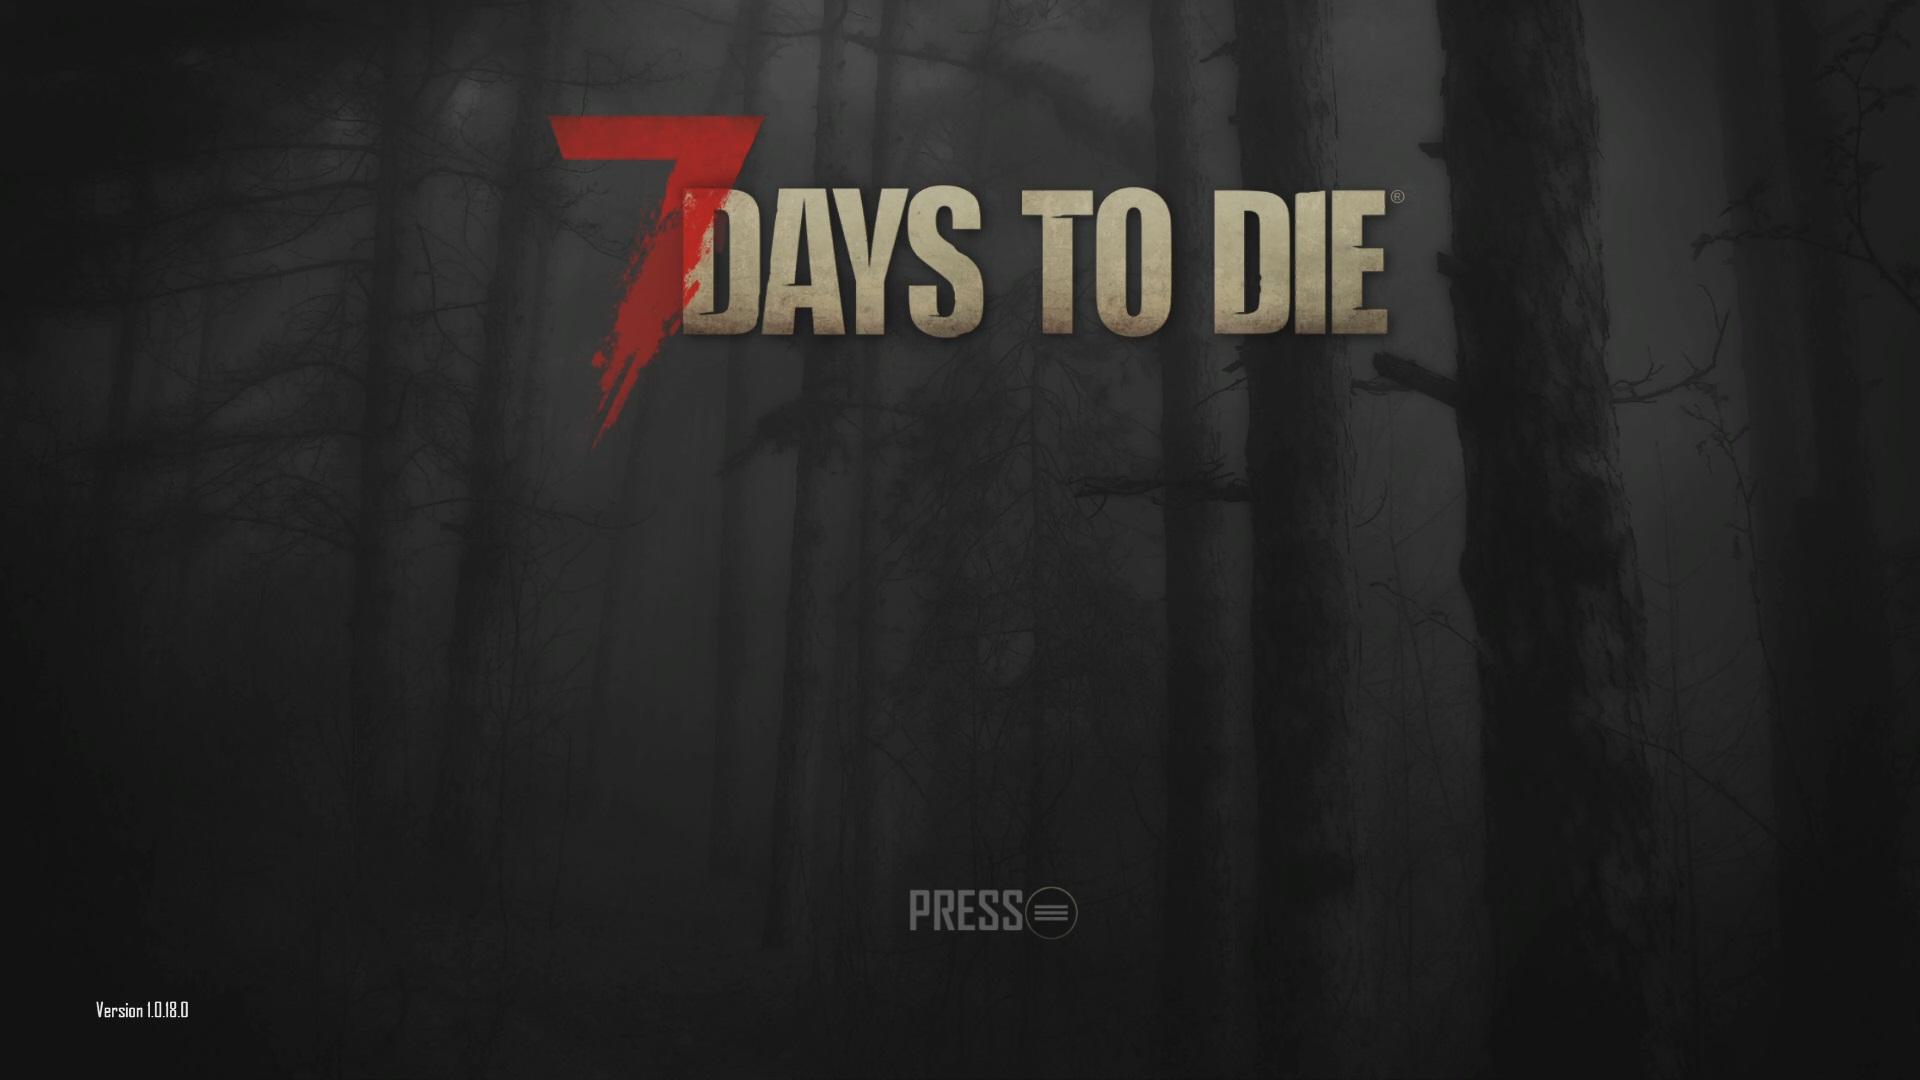 オープンワールドのサバイバルホラーゲームの7Days to Die